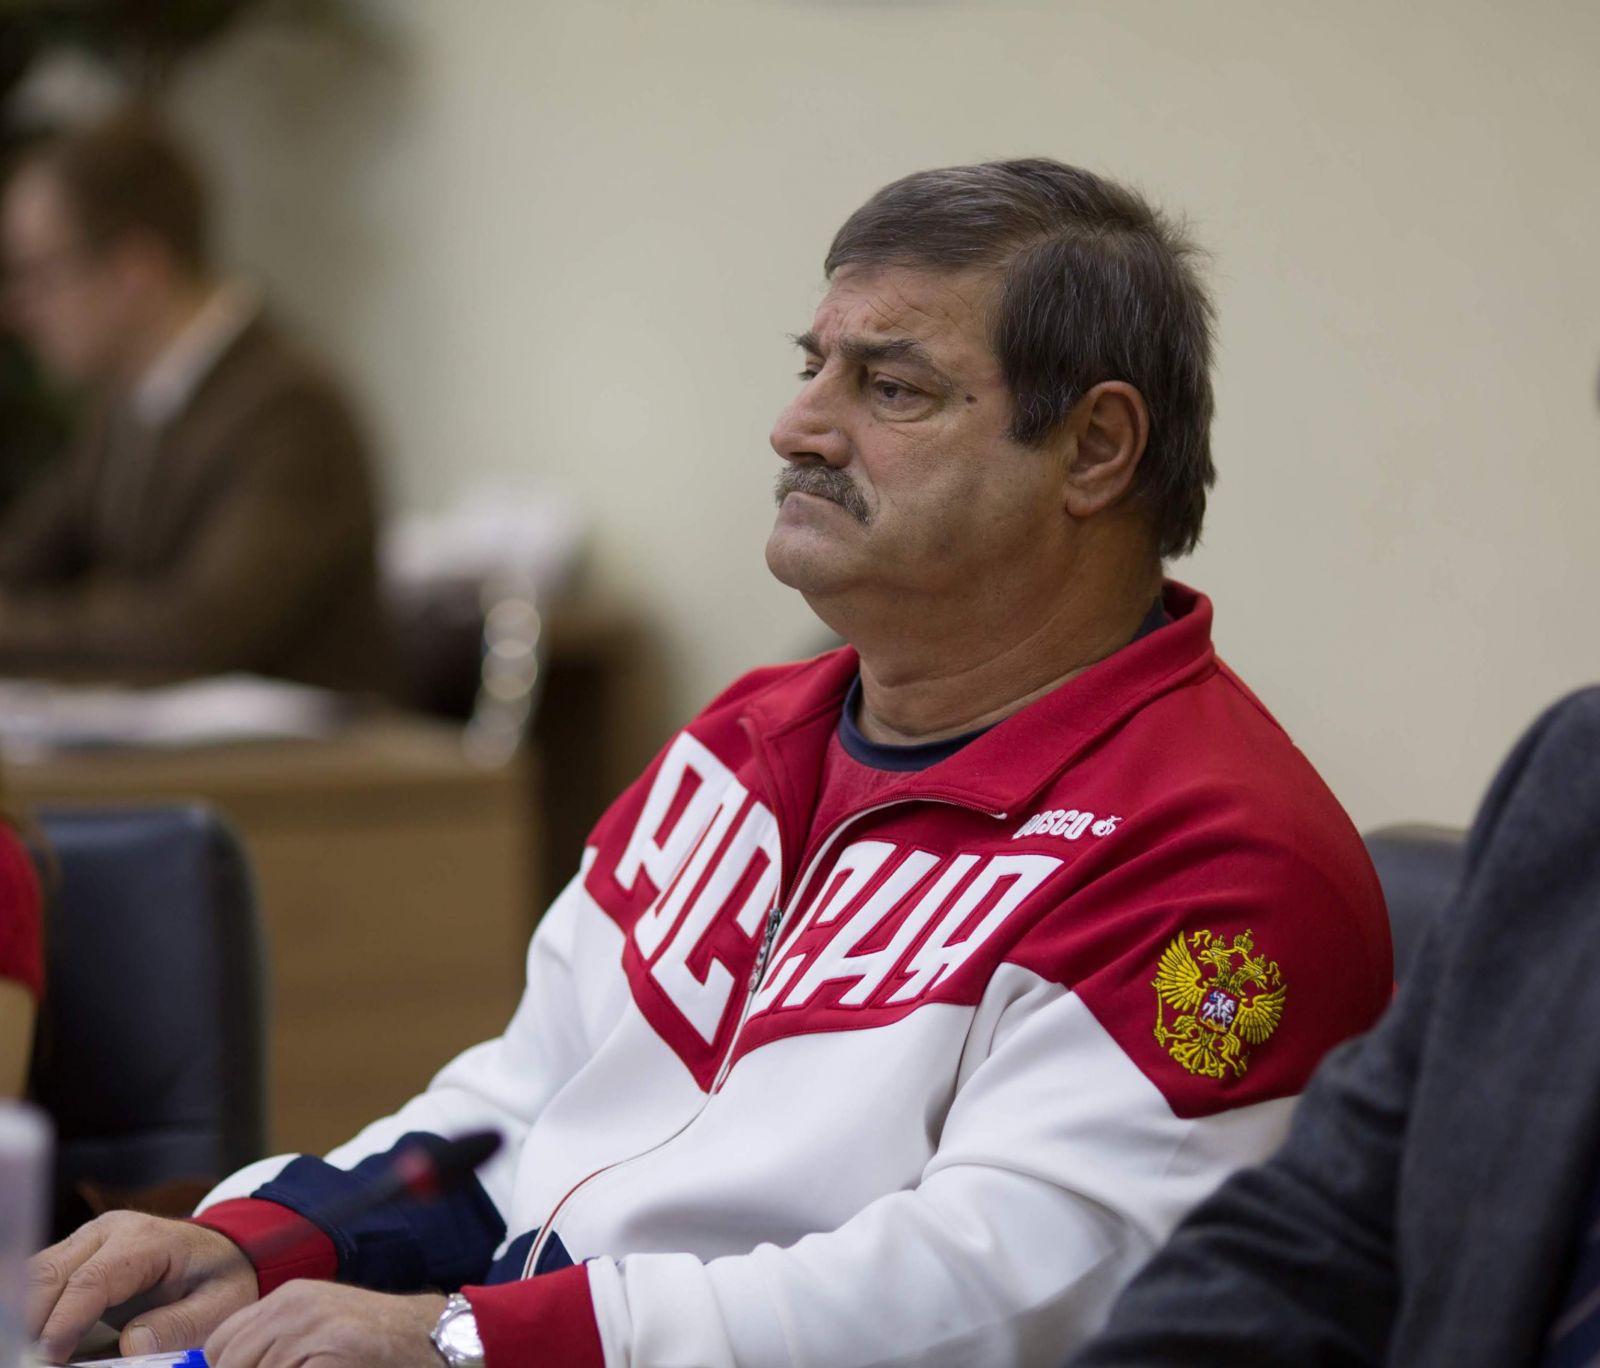 Старший тренер сборной команды России по пара-каноэ А.С. Маврофиди: В состав сборной на ЧМ вошли 11 человек, которые выступят во всех без исключения видах программы